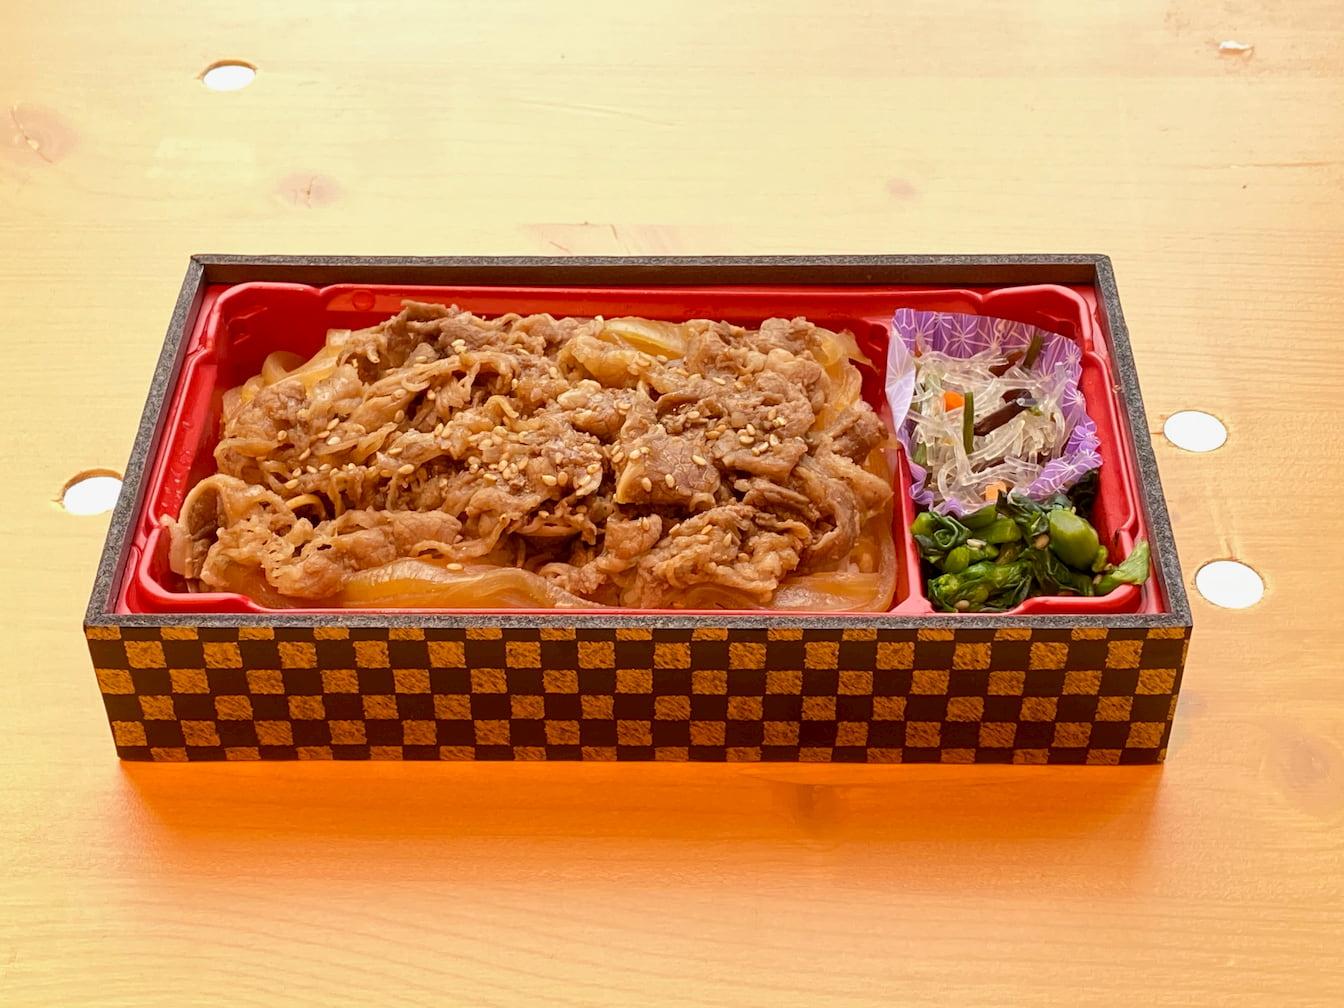 芸人たむらけんじさんのお店「炭火焼肉たむら」の弁当を購入 @ヨドバシ梅田LINKS